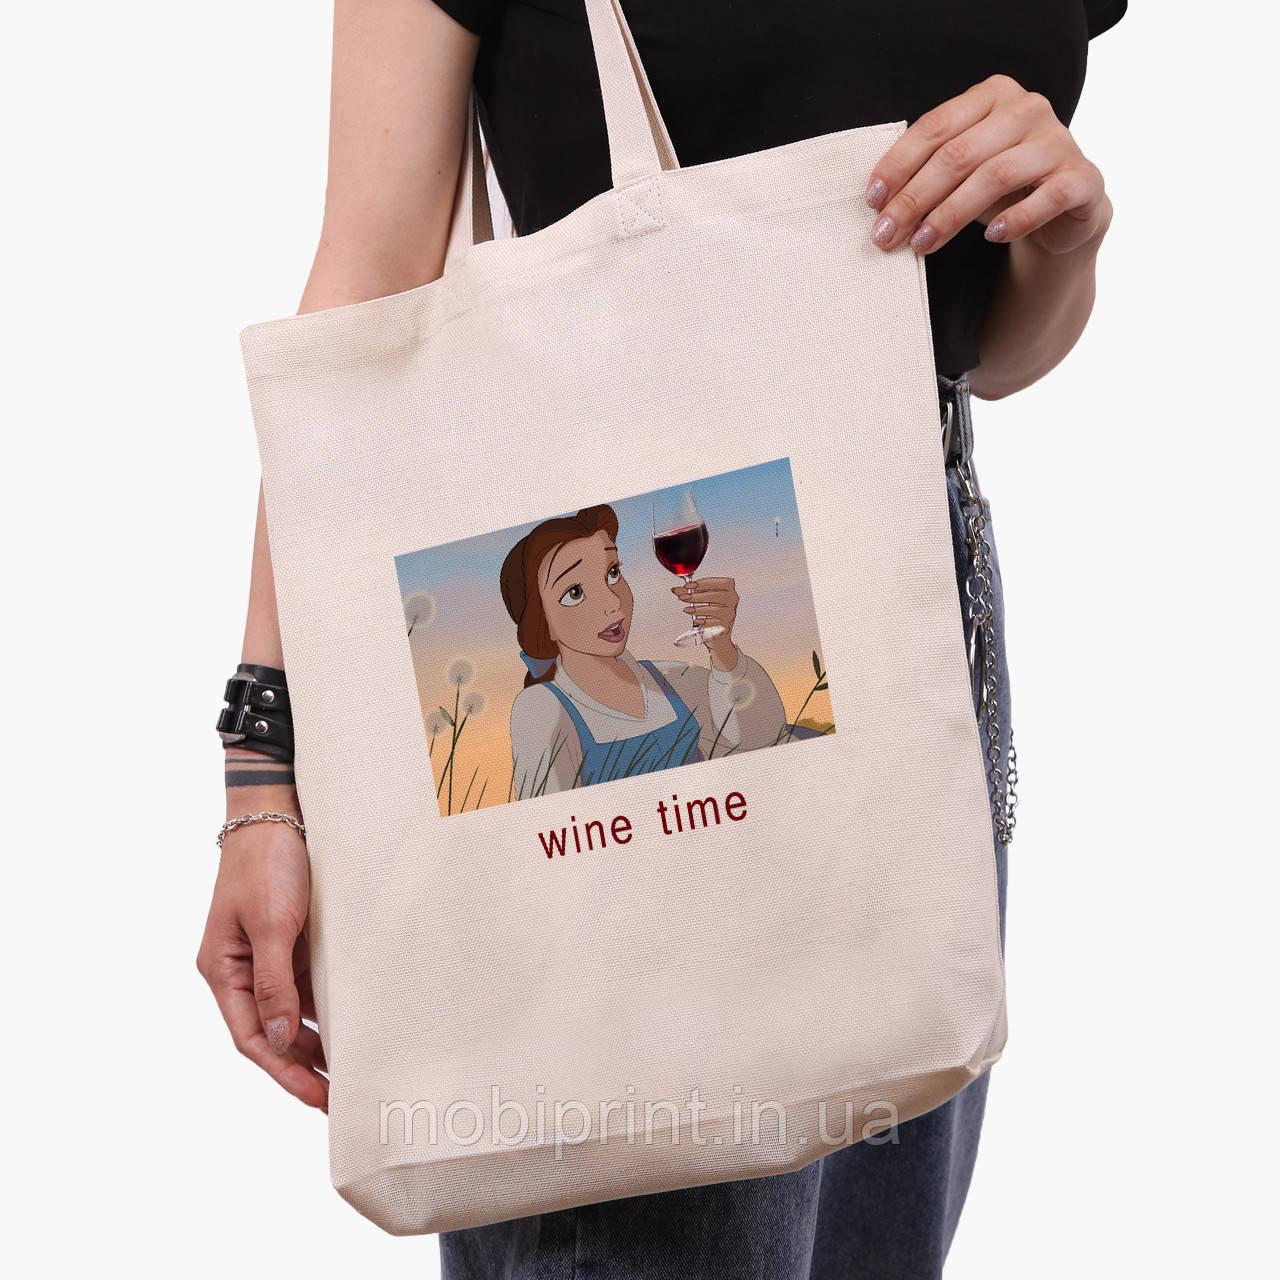 """Эко сумка шоппер белая Белль с вином """"Дисней"""" (Disney Belle) (9227-1429-1)  экосумка шопер 41*39*8 см"""